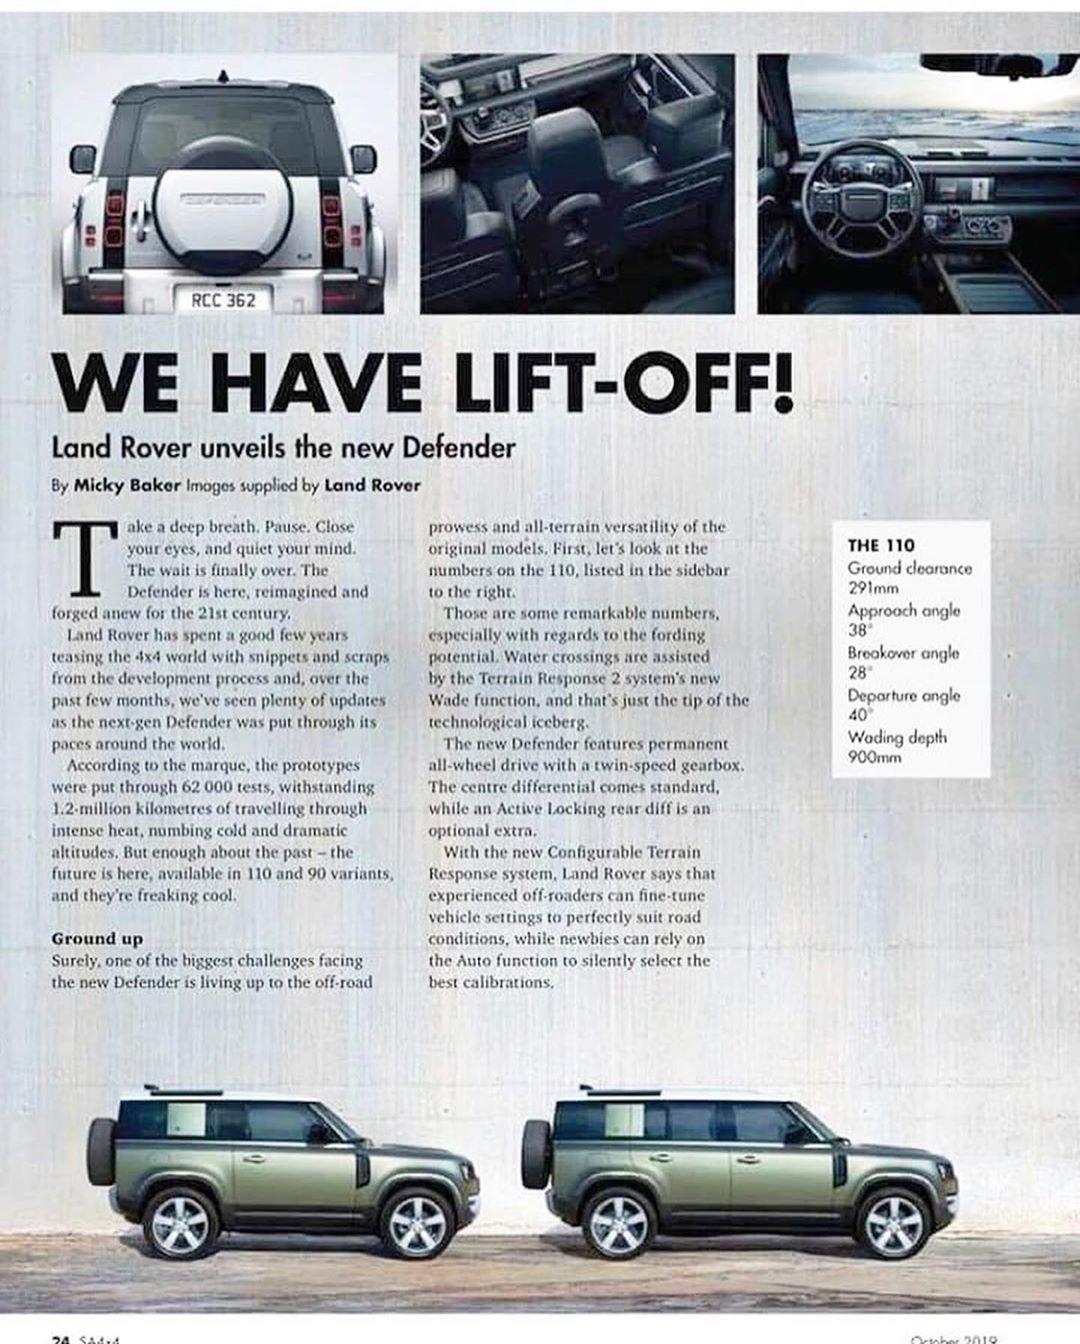 Премьера нового Land Rover Defender состоится во Франкфурте 10 сентября